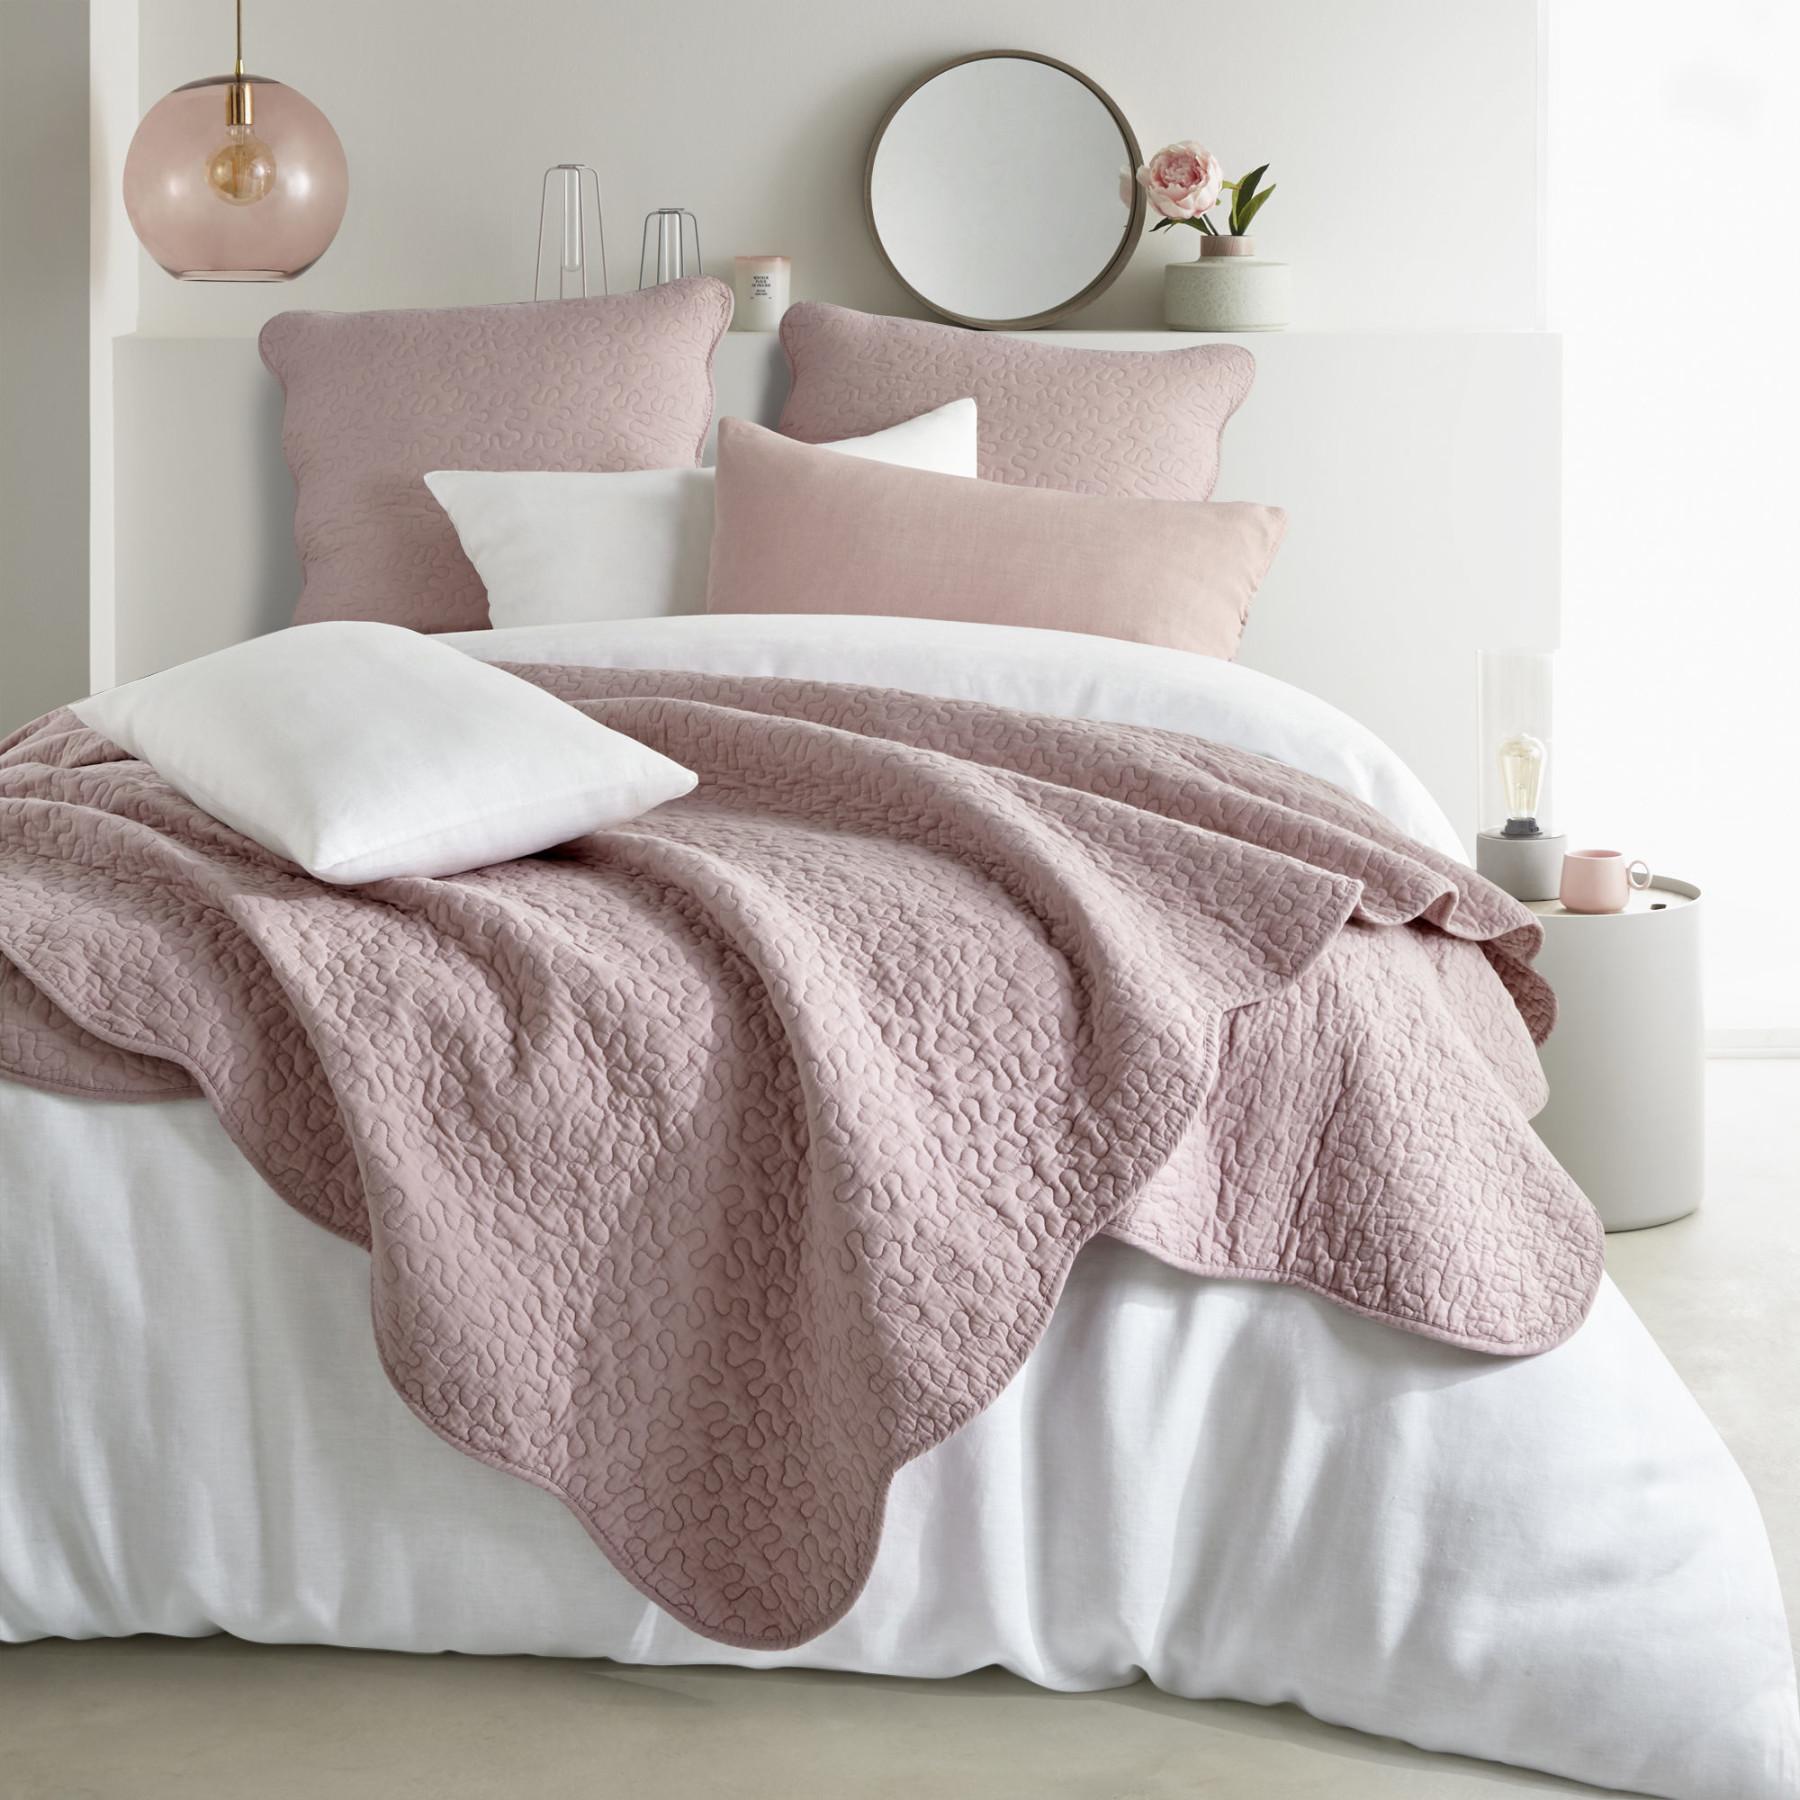 les conseils pour bien acheter son couvre lit en 2018 pour 2018. Black Bedroom Furniture Sets. Home Design Ideas